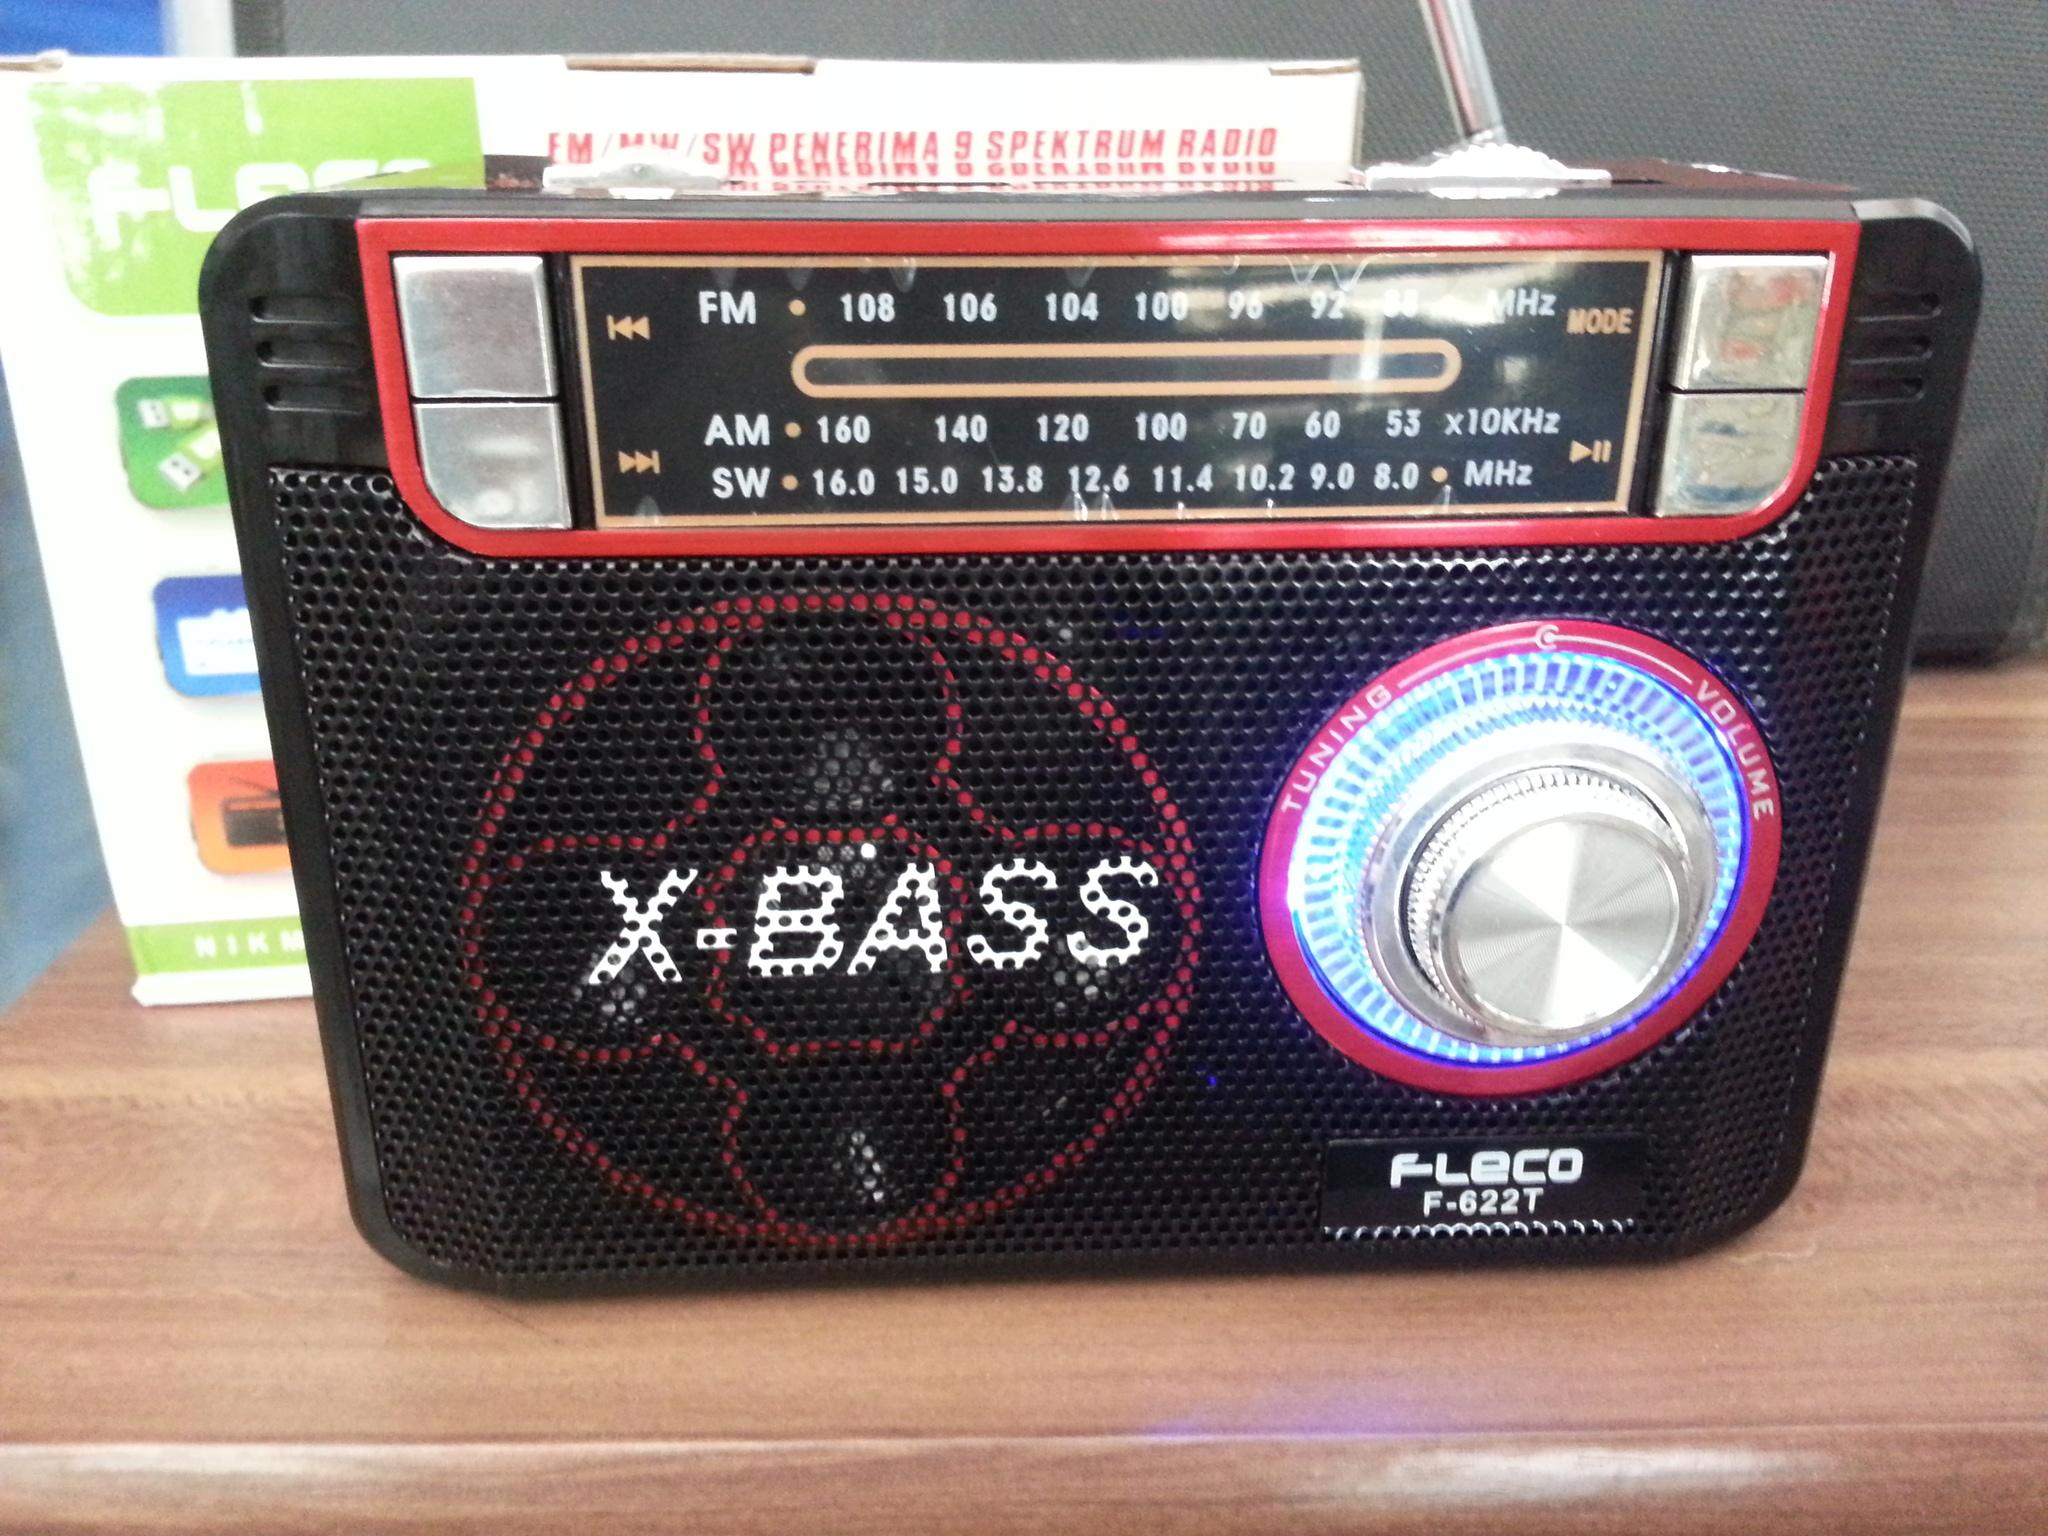 Mp3 Player + Radio + Senter Fleco F622t Dengan Usb, Kartu Memori, Au